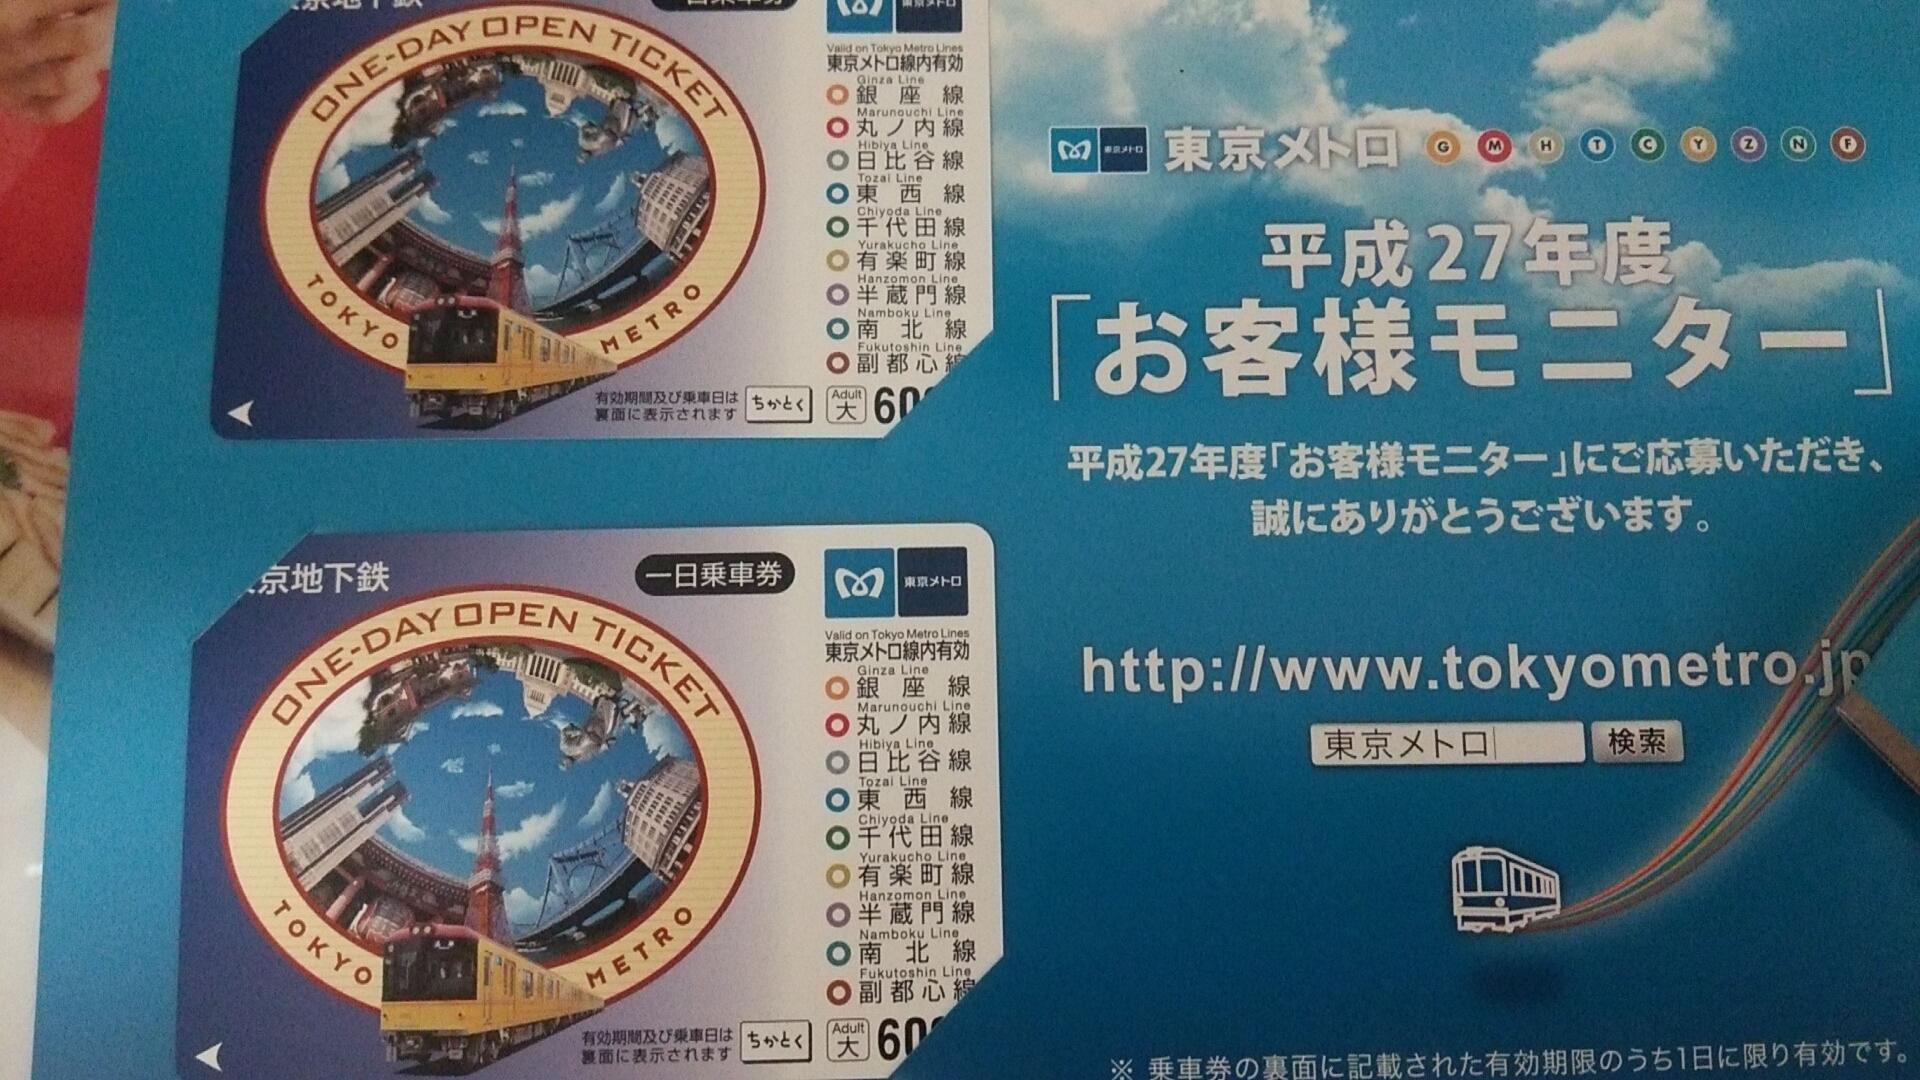 東京メトロ24時間乗車券4枚もらえちゃう!東京メトロお客様モニター